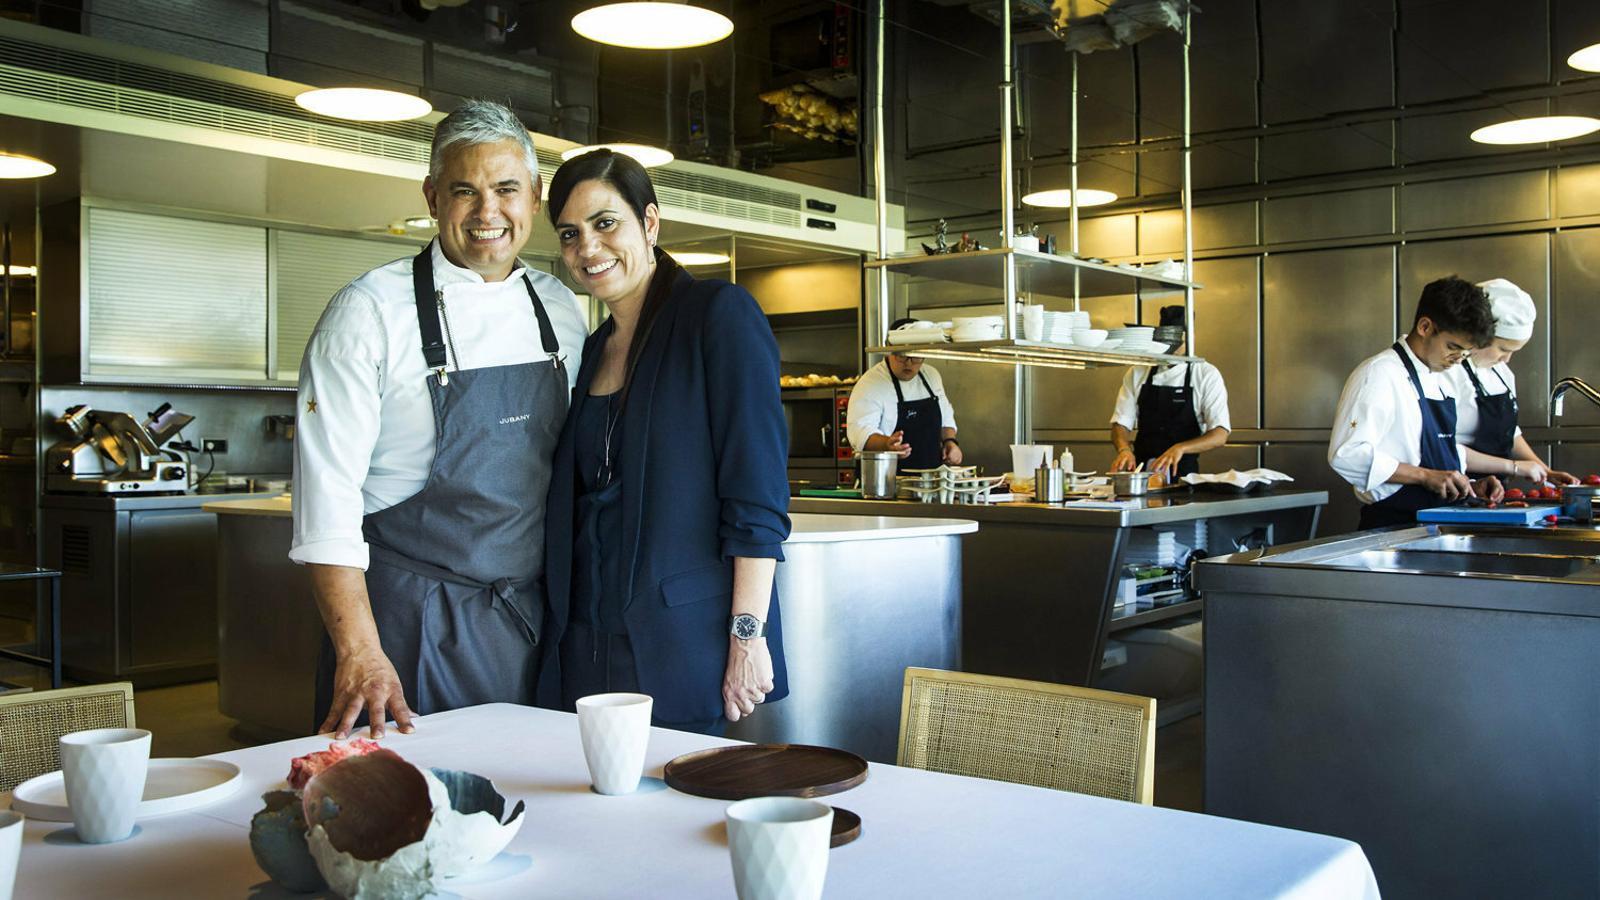 Nandu Jubany i Anna Orte fotografiats entre els fogons de Can Jubany, un dels grans referents de la cuina catalana actual.